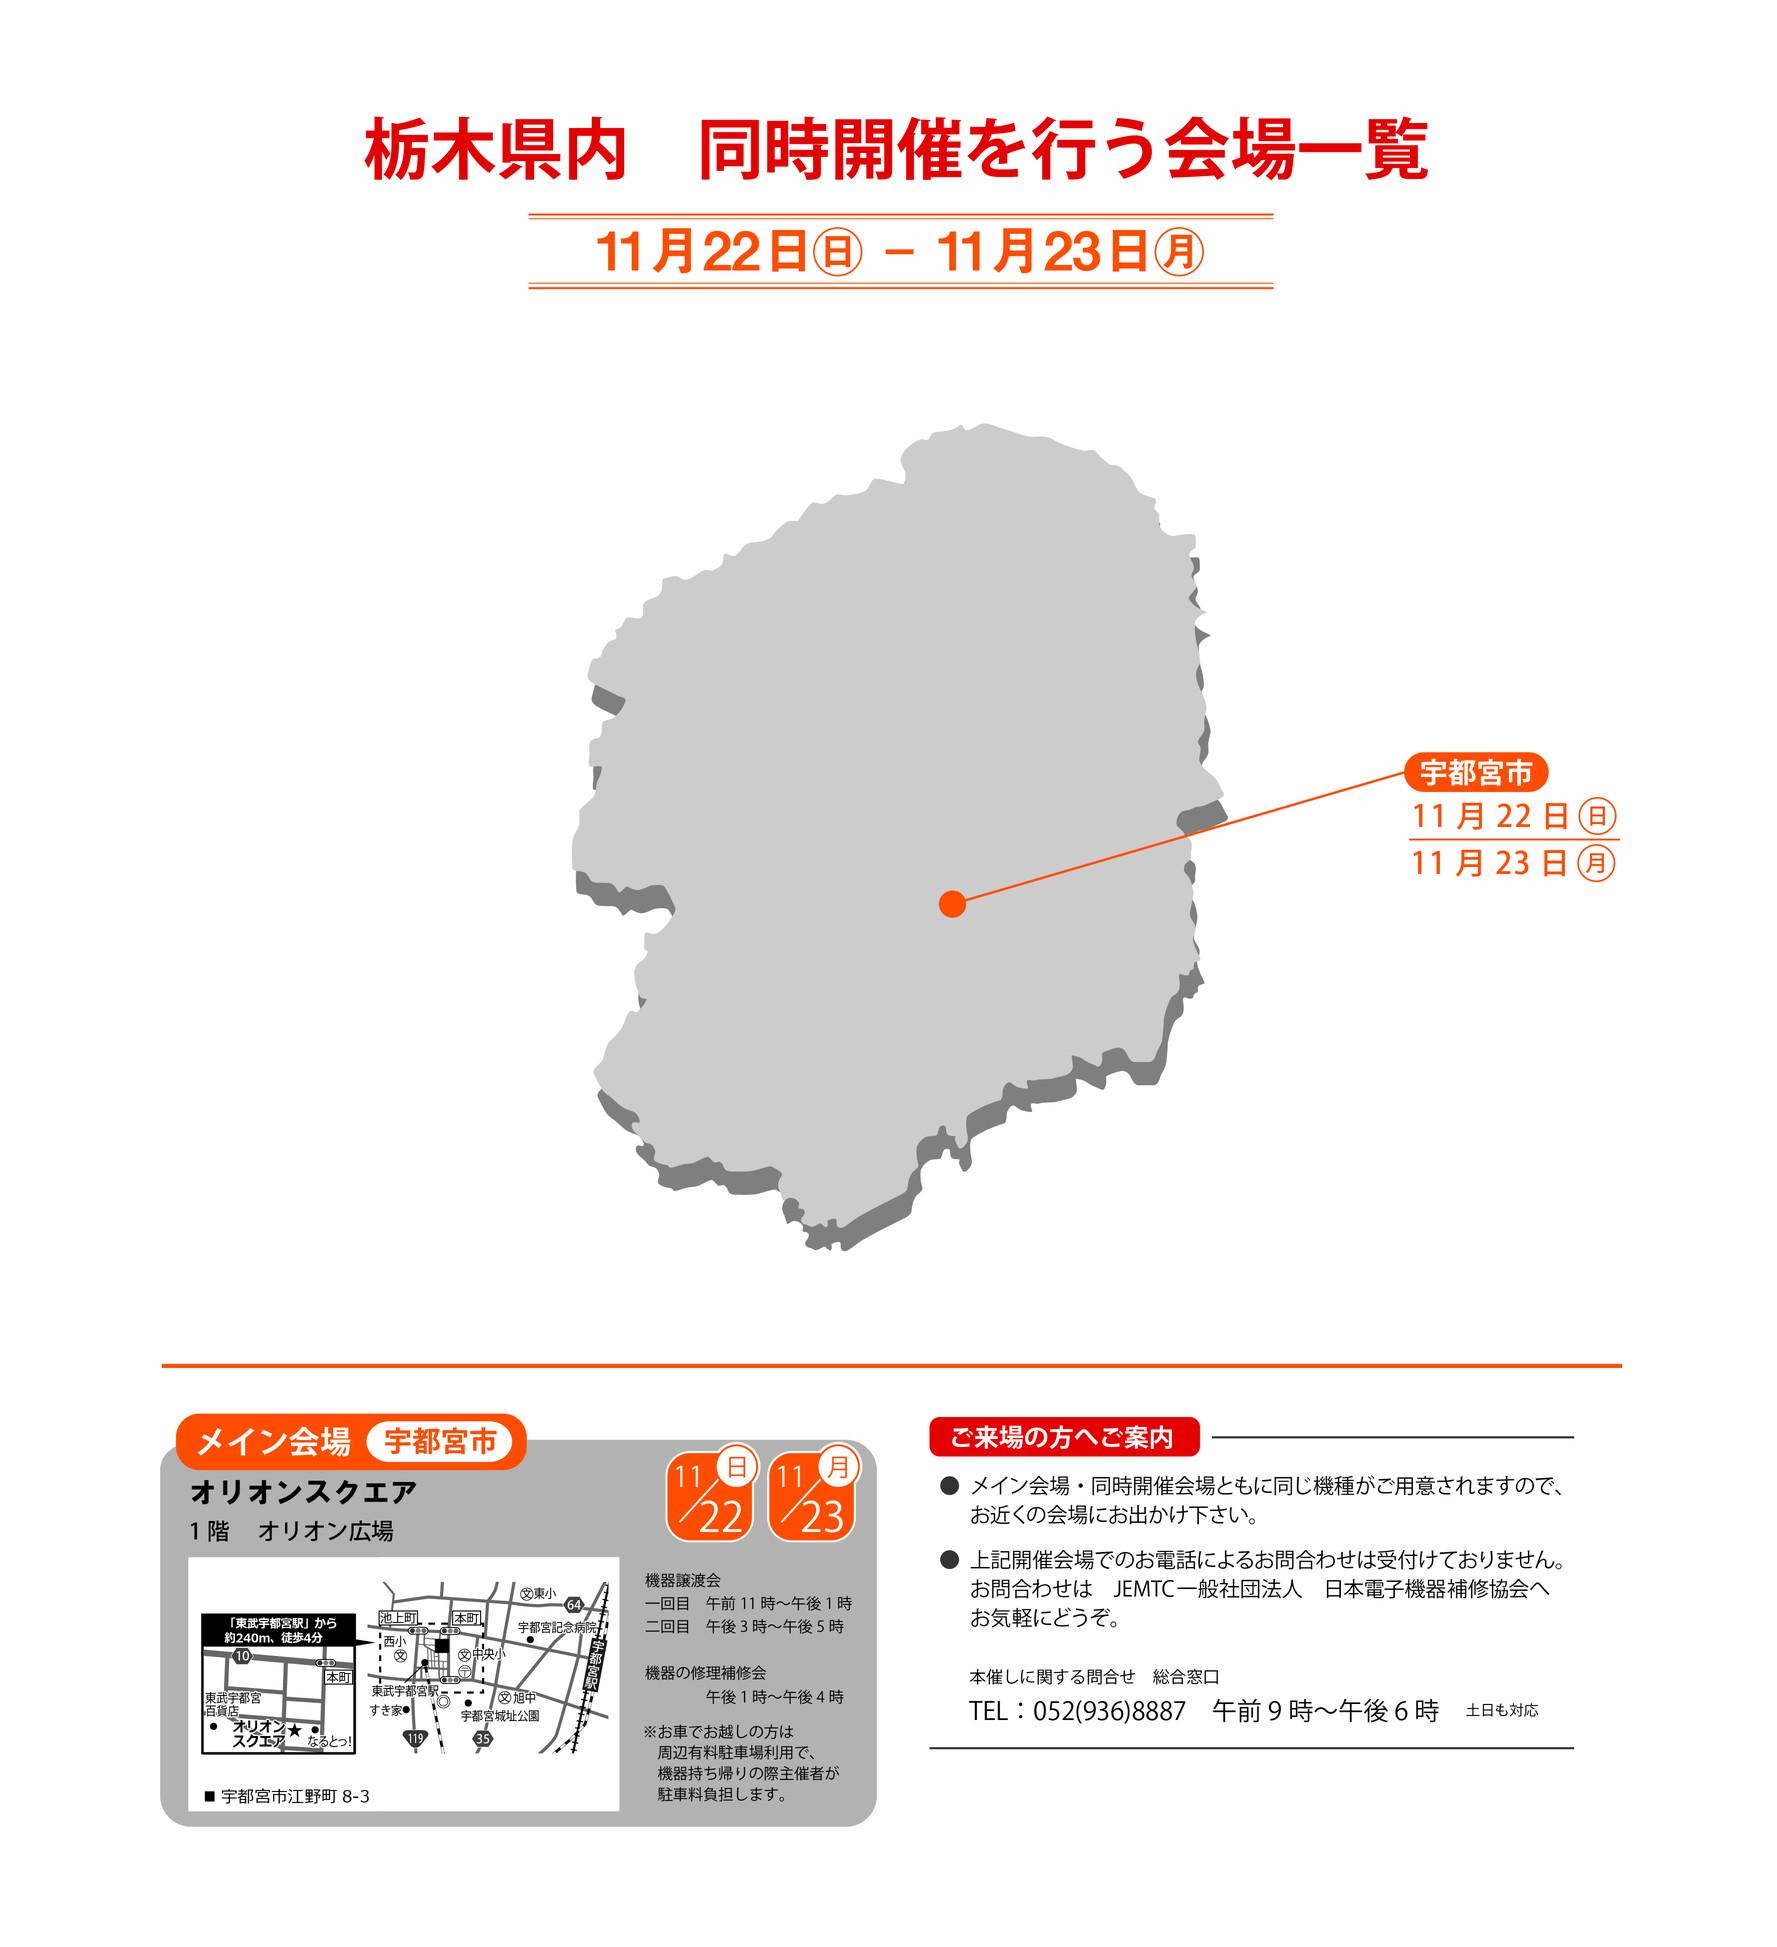 ジェムテクノートパソコン有償譲渡会in栃木_他開催会場